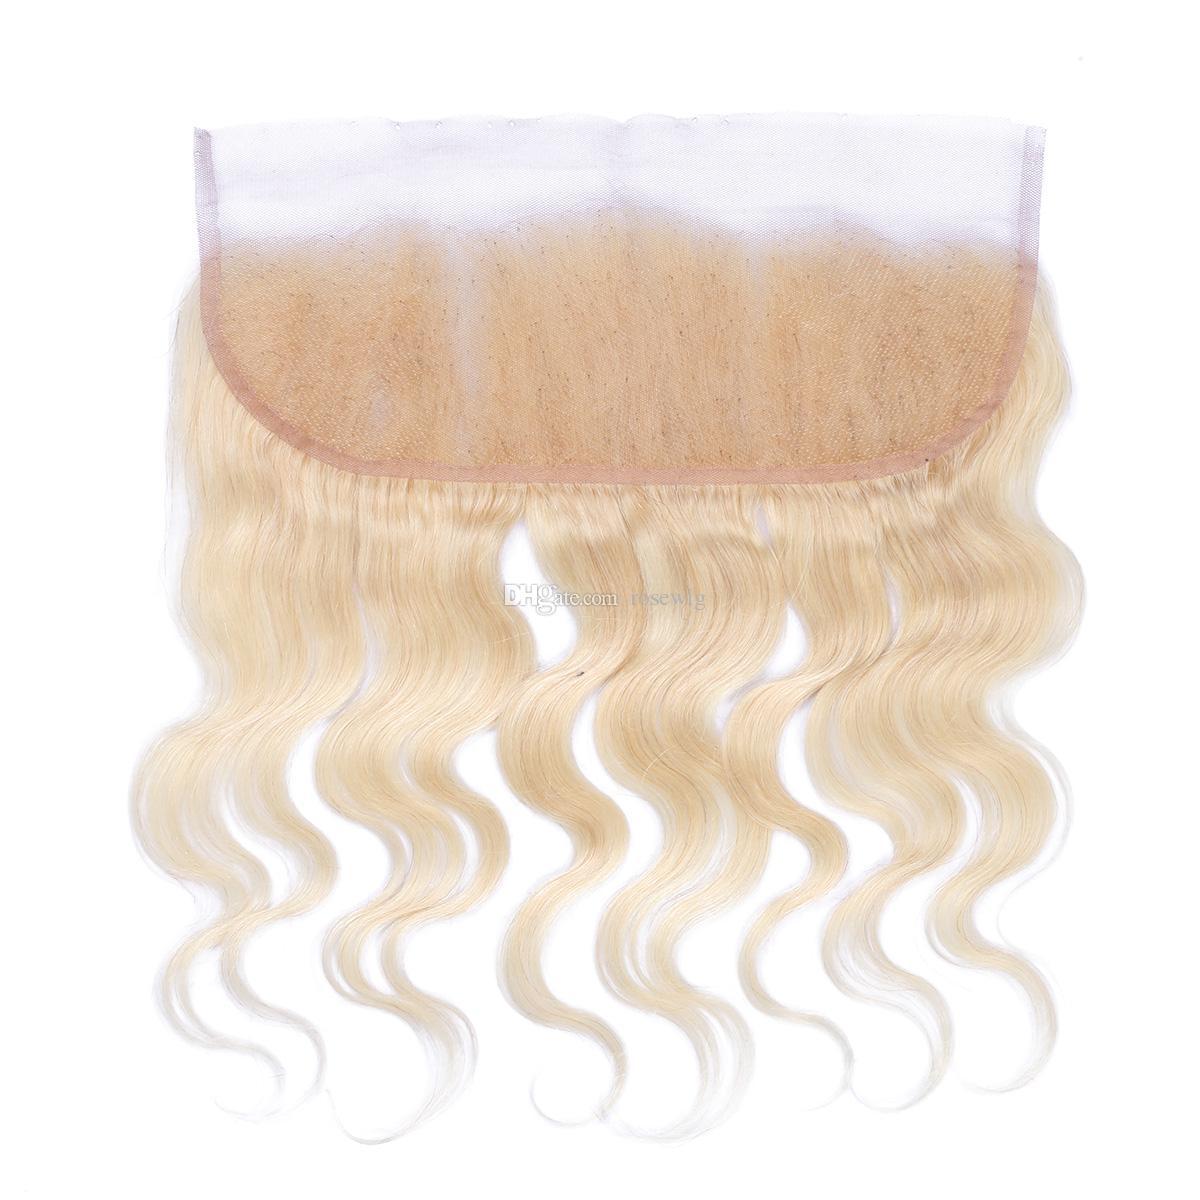 Couleur 613 blonde dentelle frontale fermeture 13x4 dentelle fermeture corps vague droite fermeture à la main top fermeture blanchi vierge remy cheveux